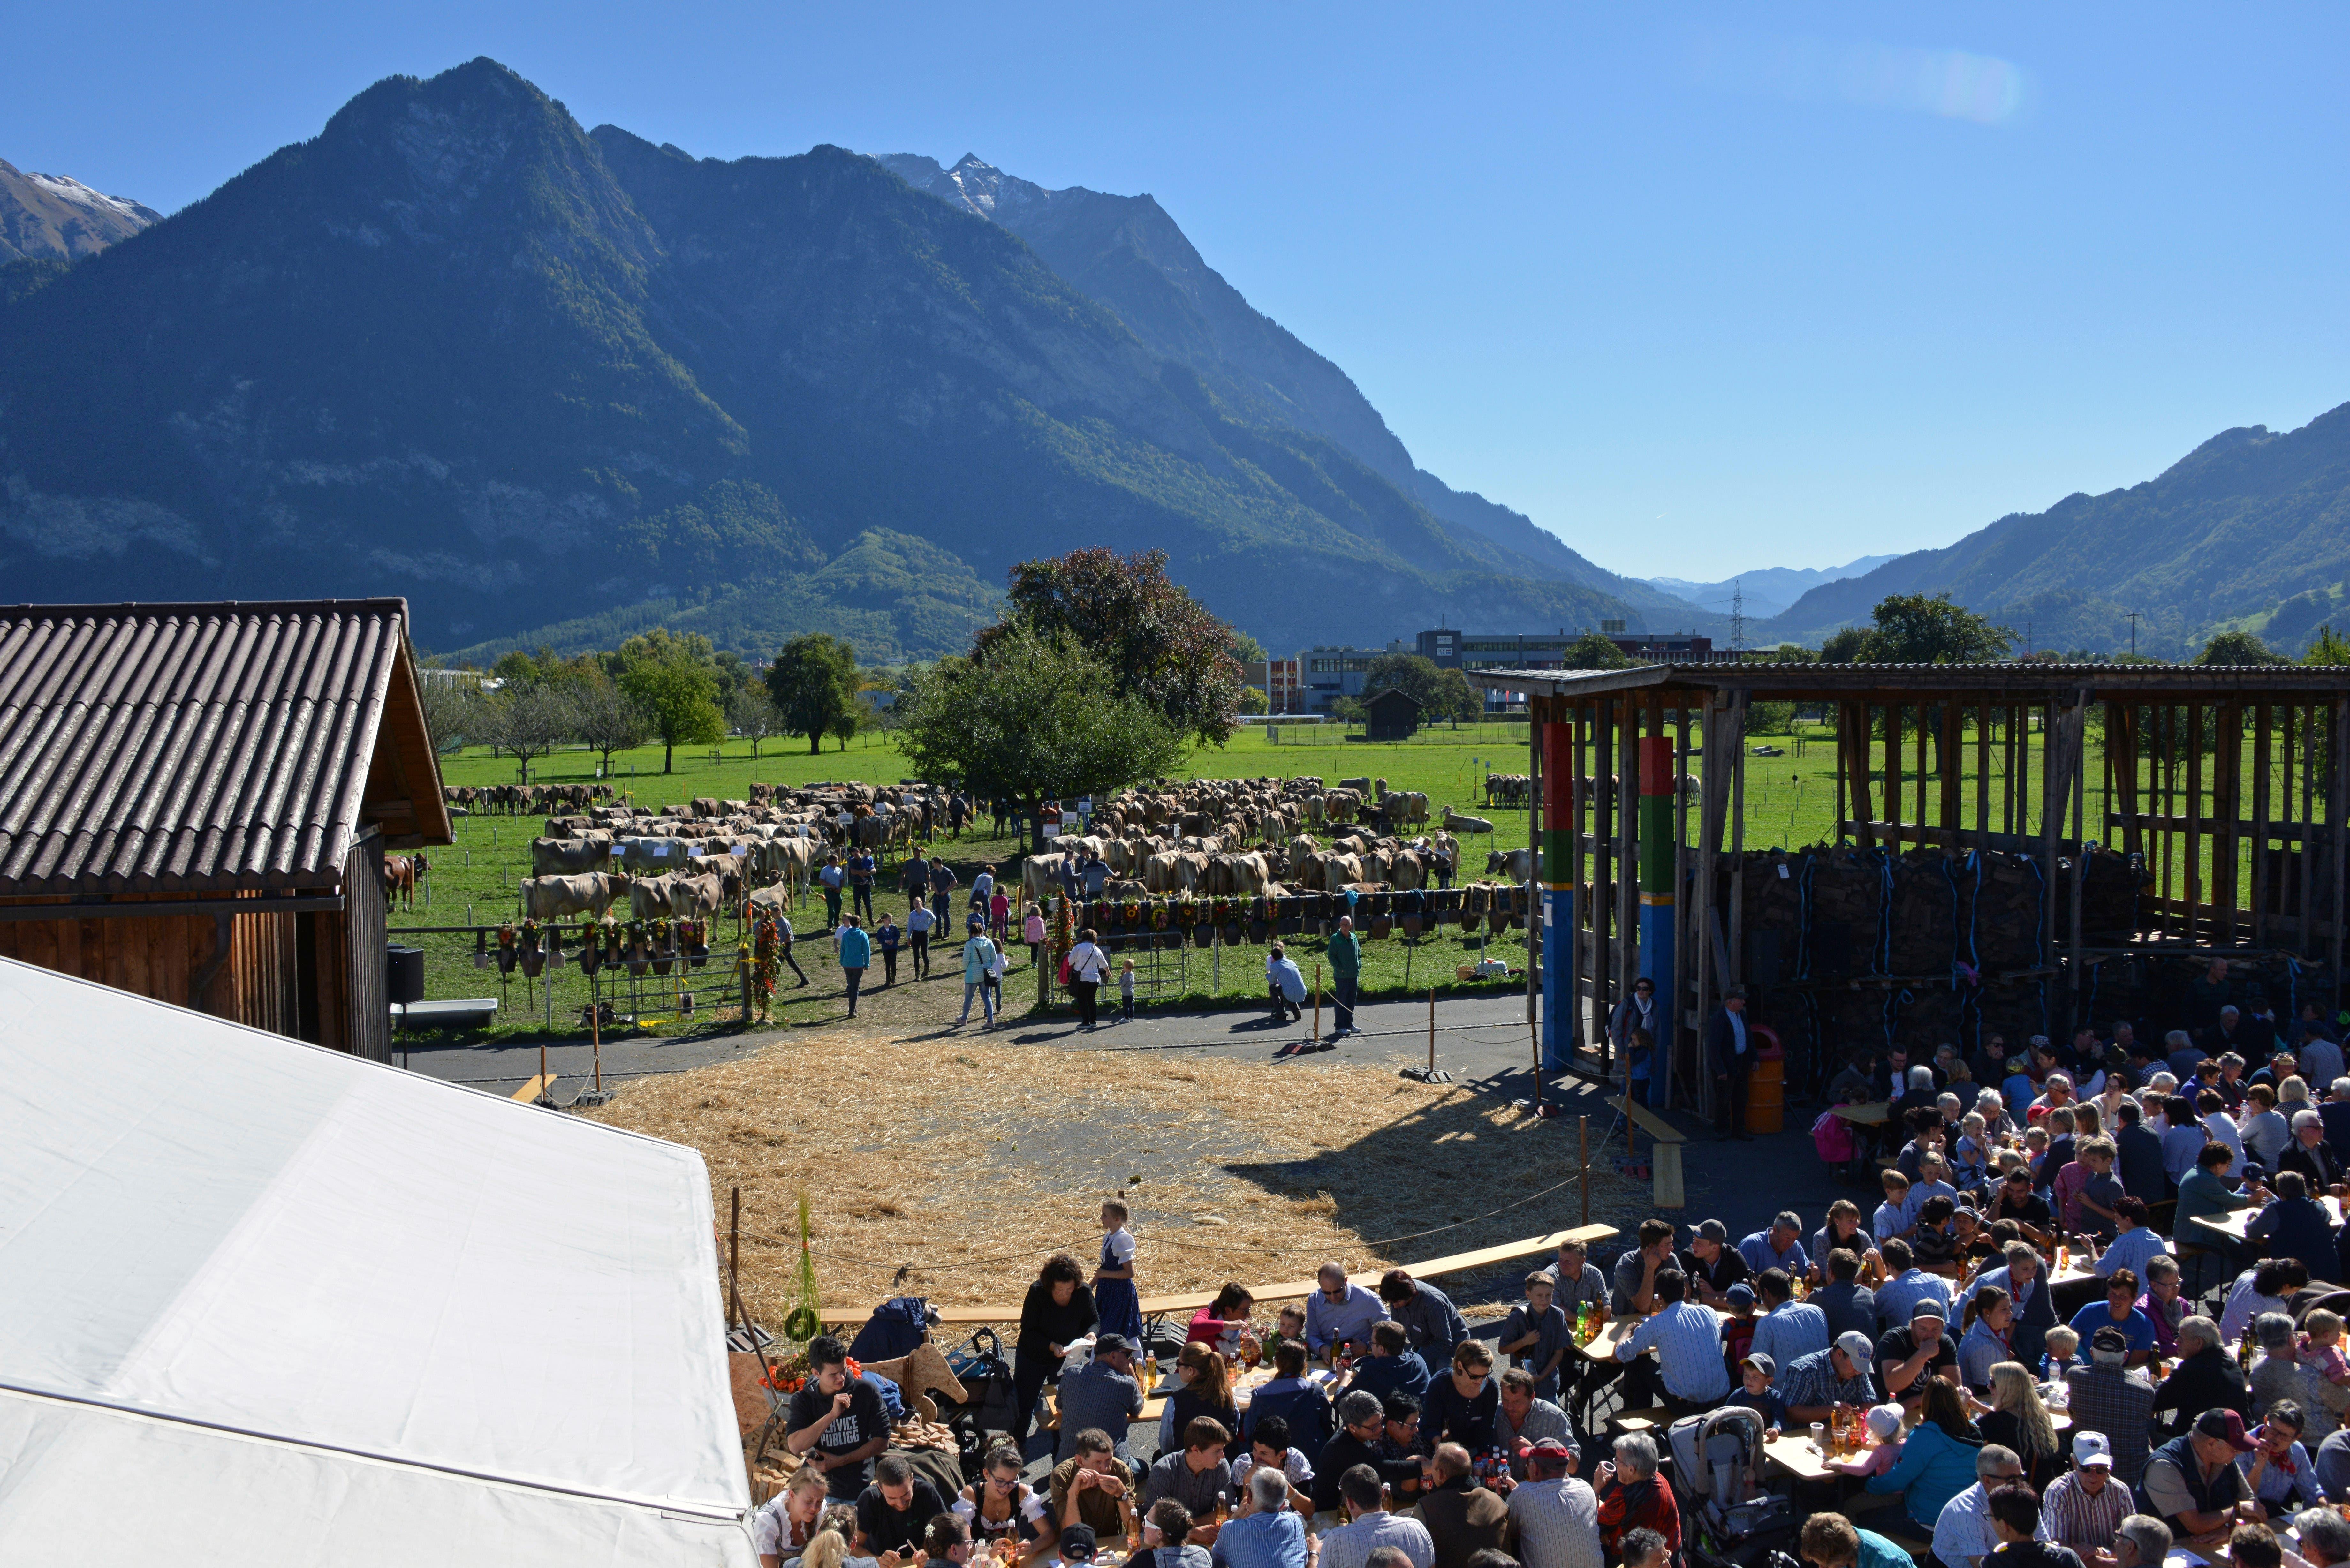 Traumhaftes Wetter, anspruchslose Tiere und fröhliche Besucher gehörten zur diesjährigen Viehschau. Bild: Mario Viecelli)